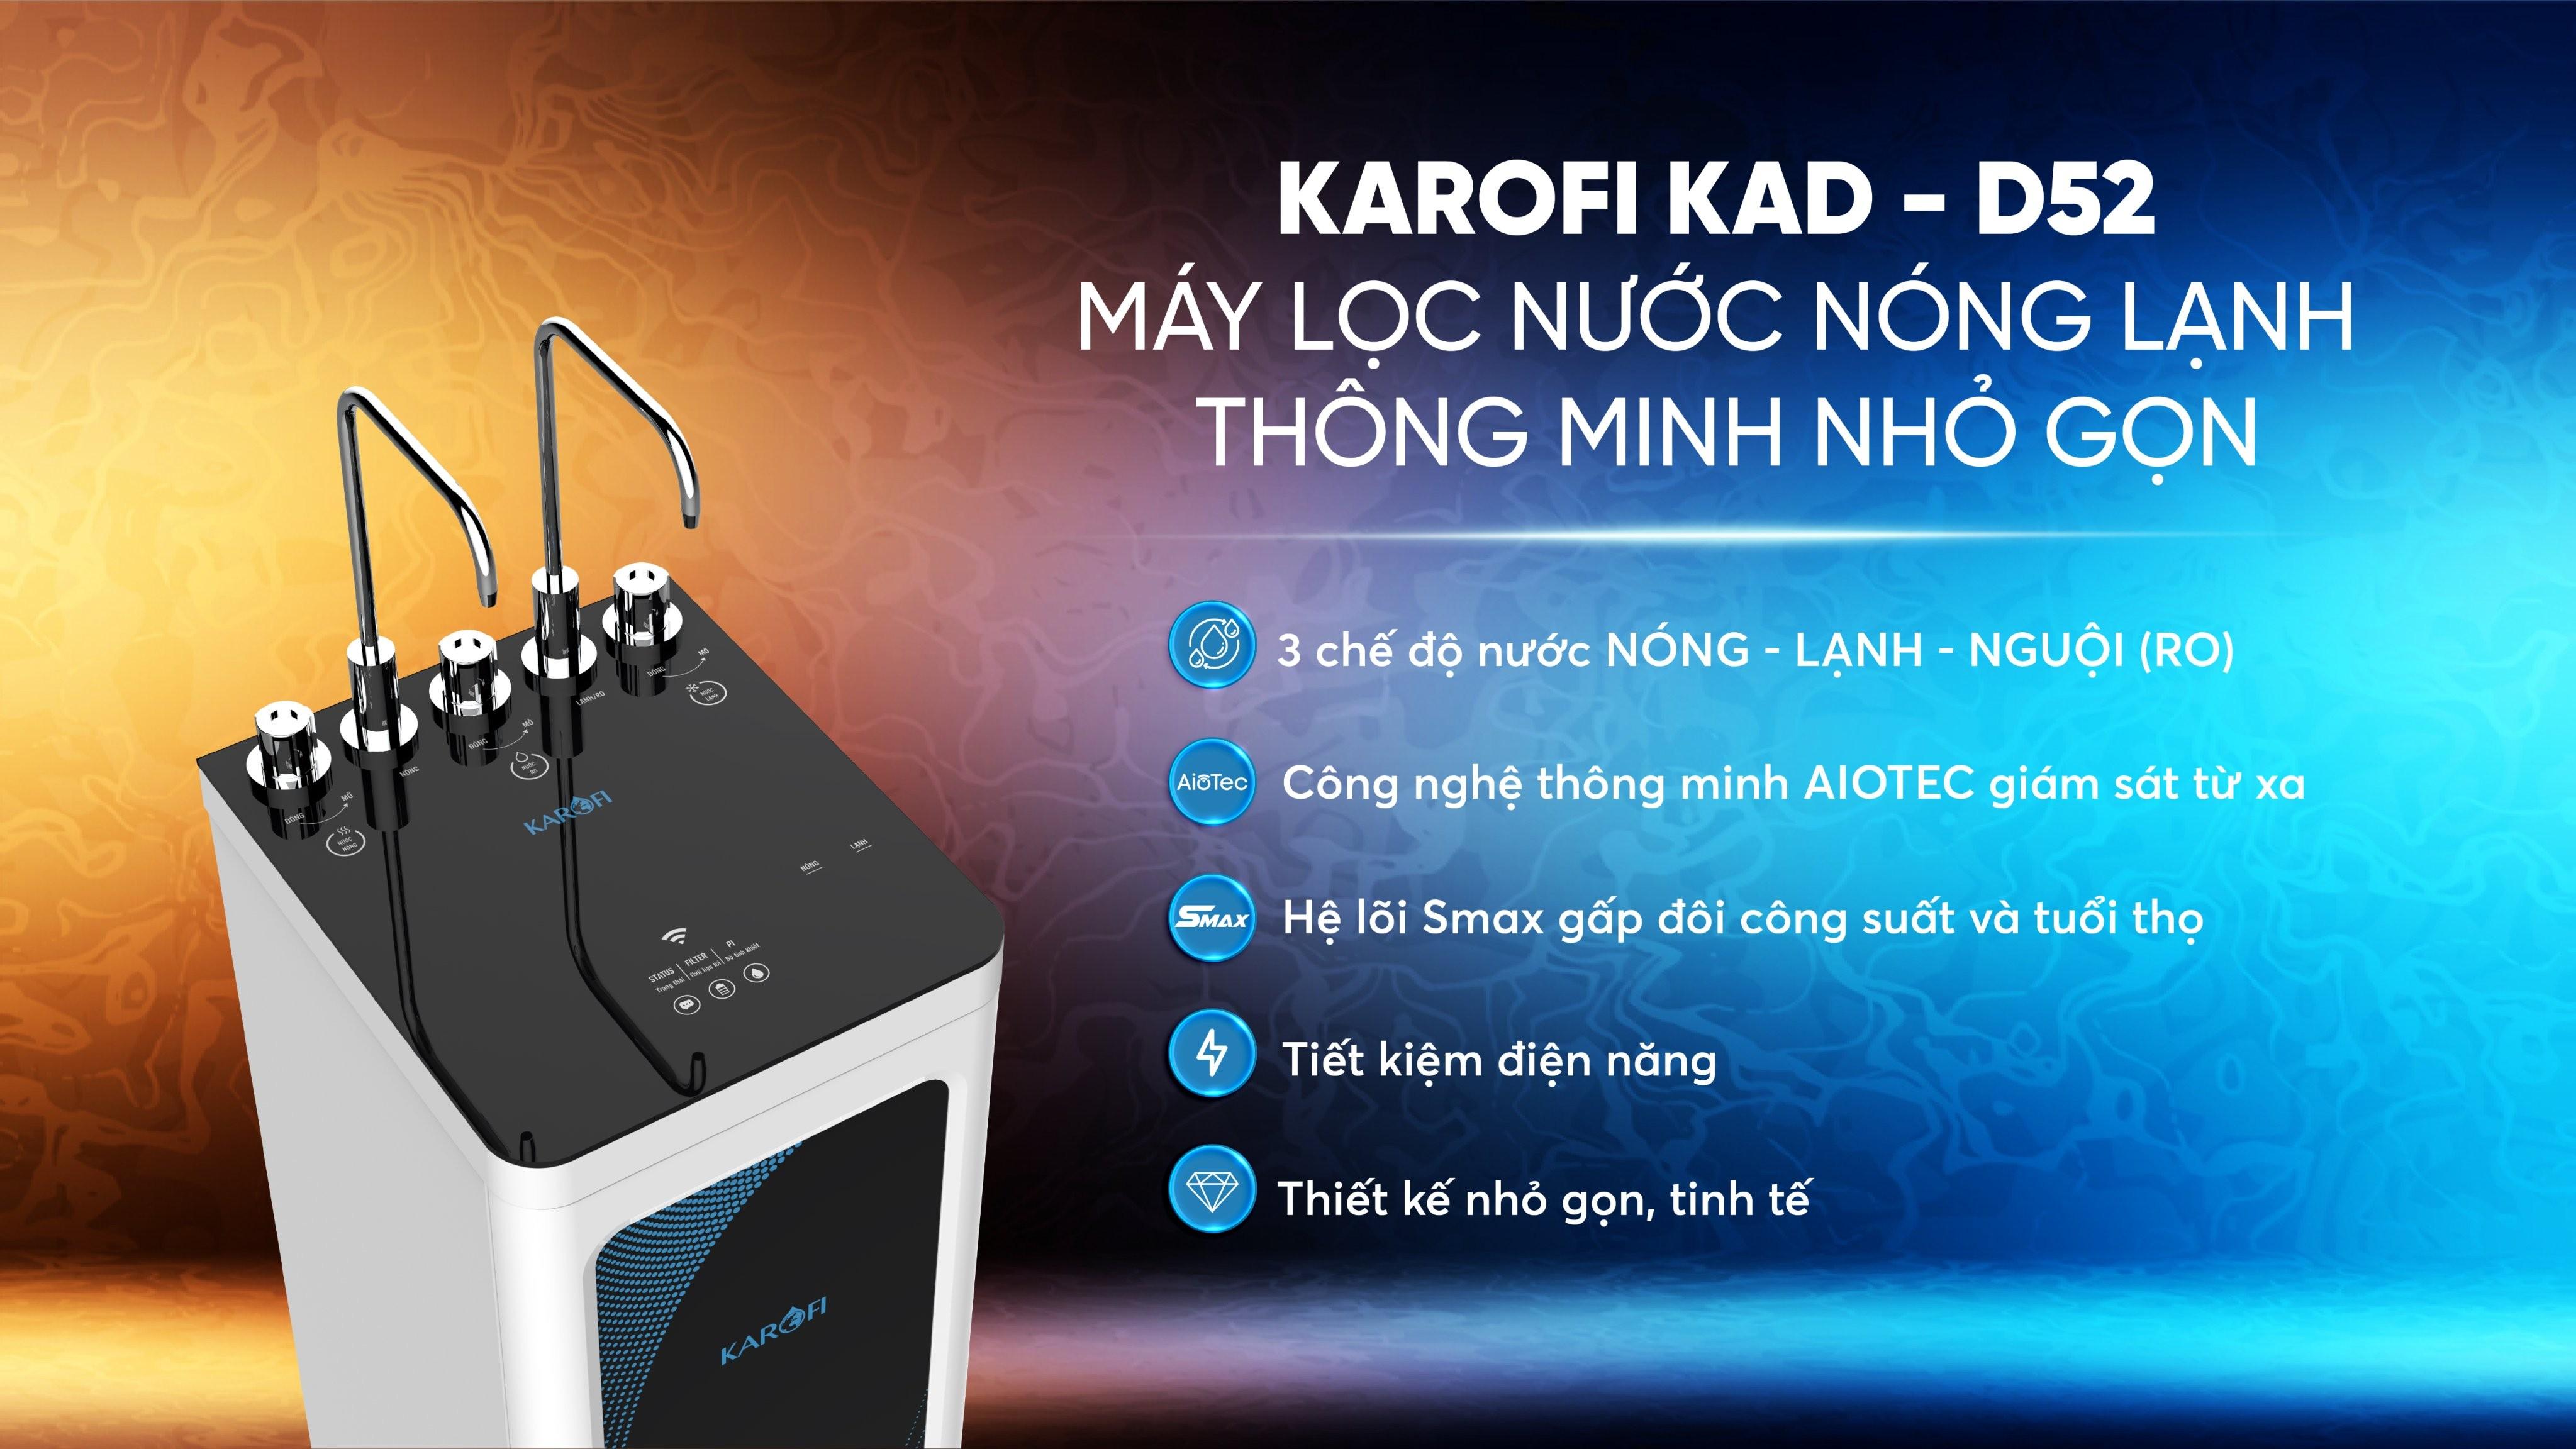 Máy lọc nước nóng lạnh Karofi KAD D52